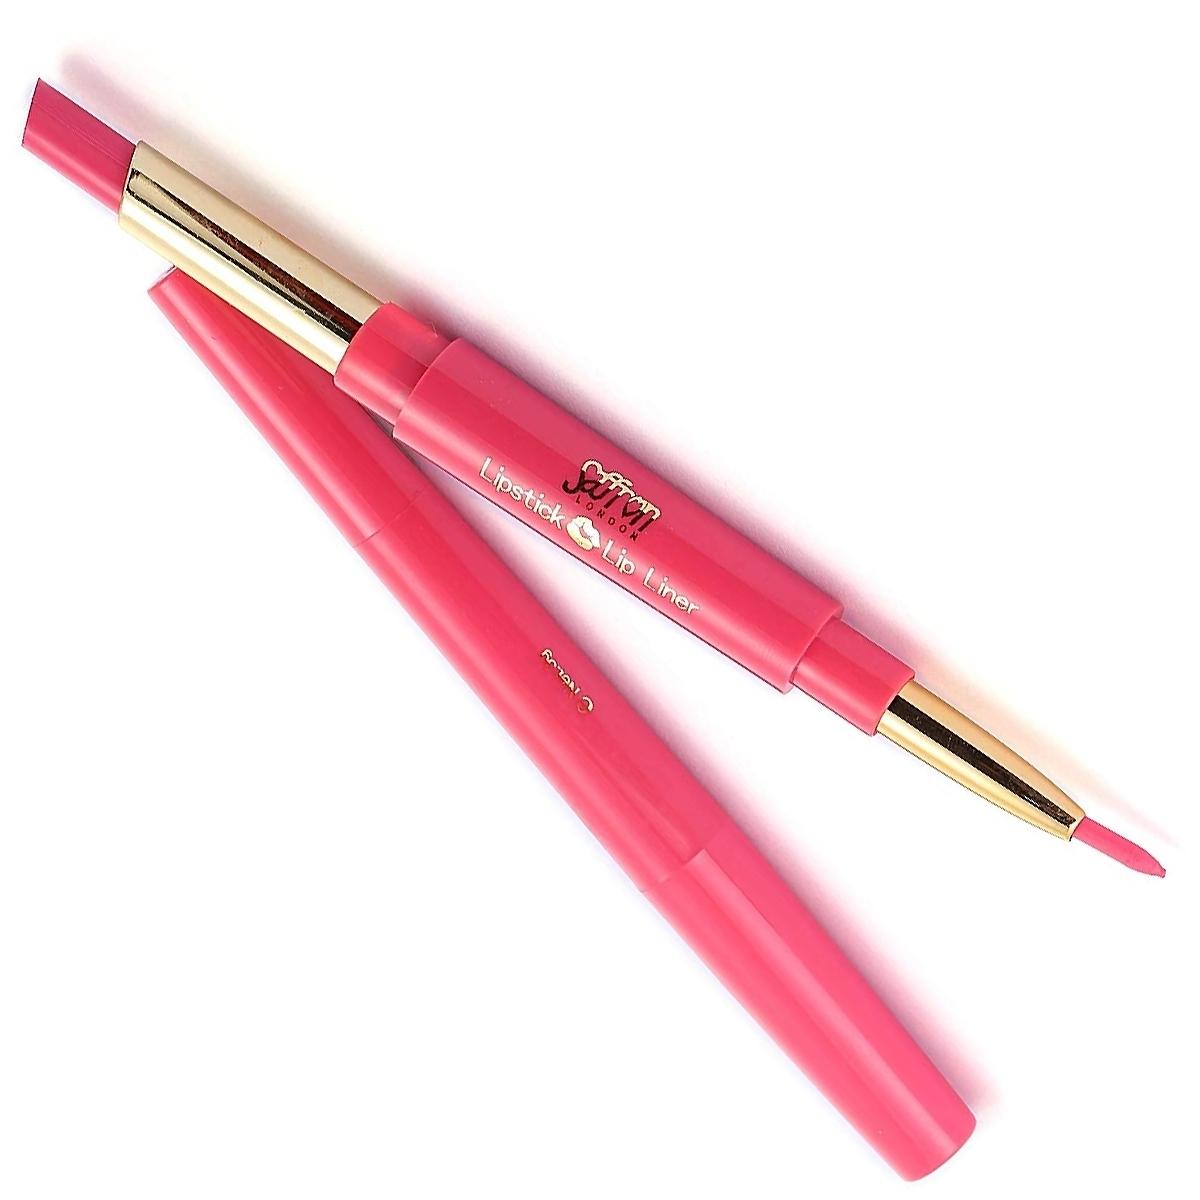 Saffron-London-Lipstick-amp-Lip-Liner-Twist-Up-Creamy-Duo-Makeup-Multi-Colour thumbnail 5